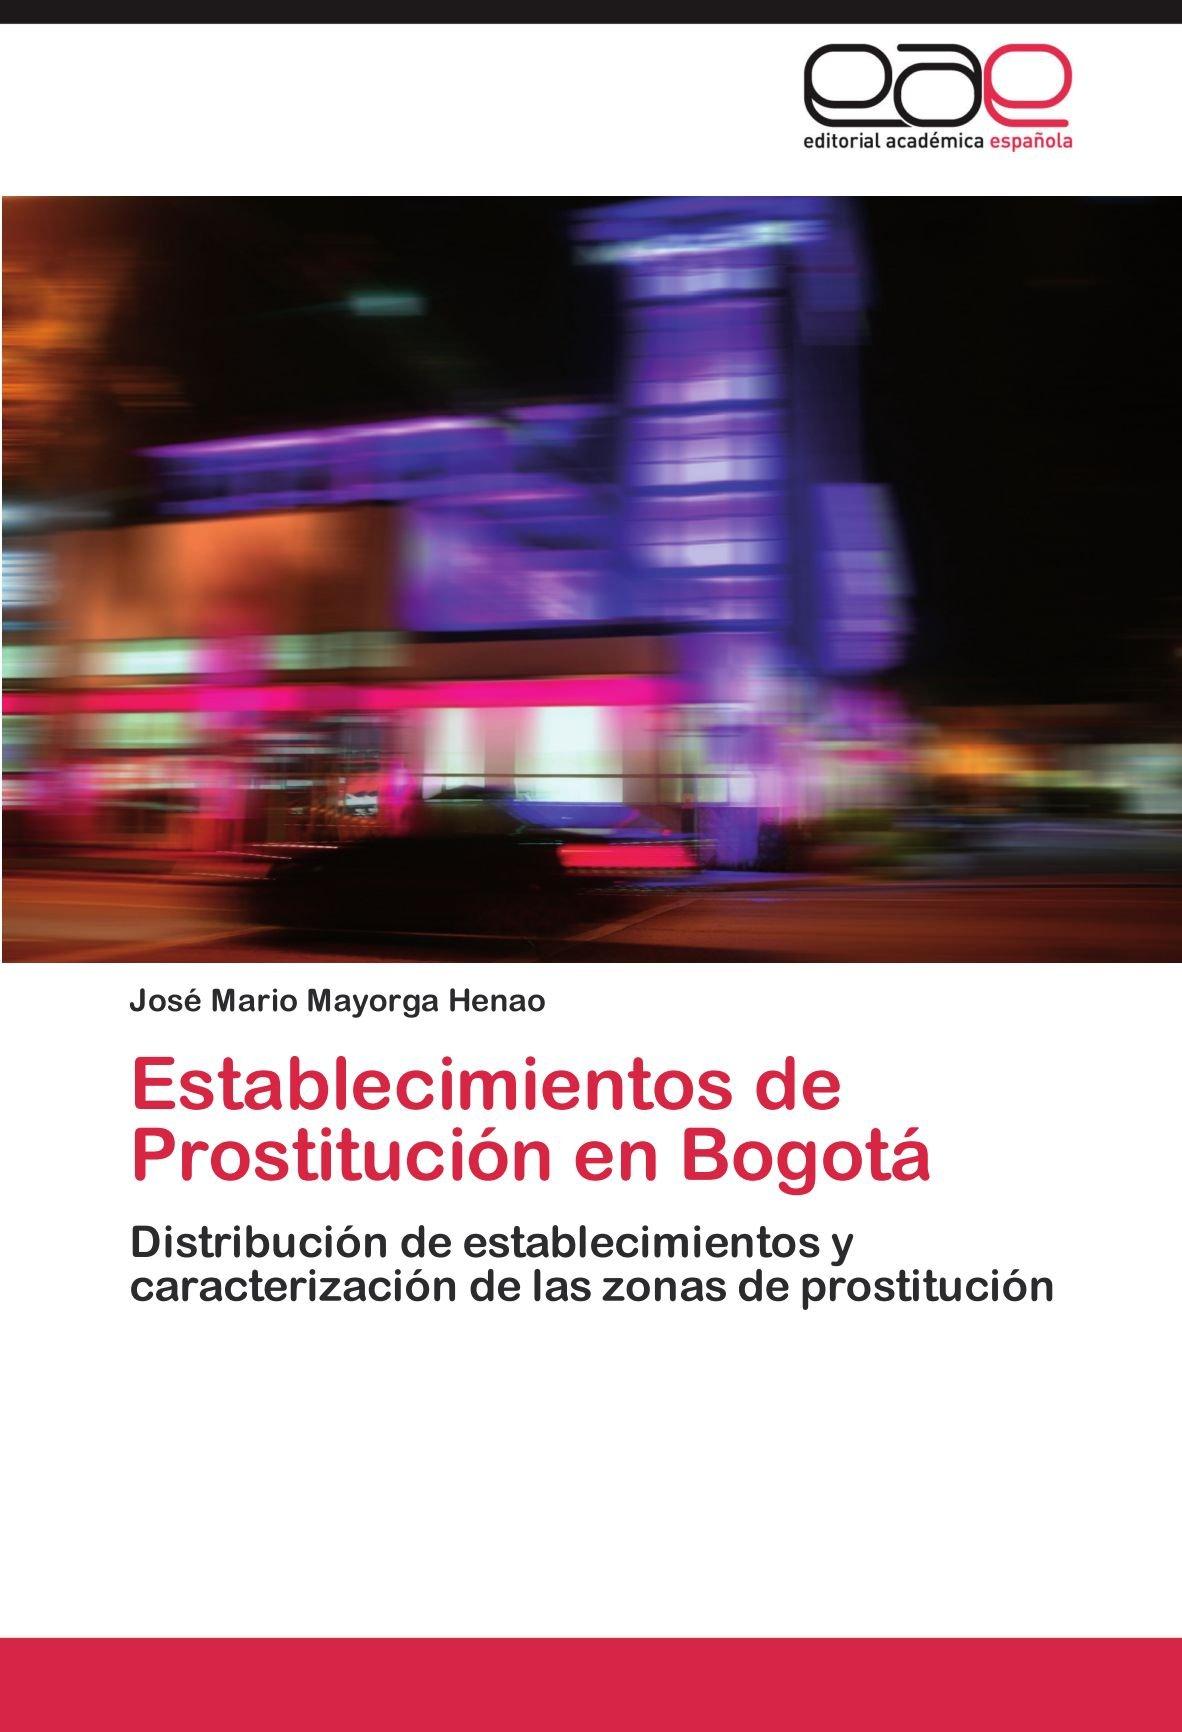 Establecimientos de Prostitución en Bogotá: Amazon.es: Mayorga Henao José Mario: Libros